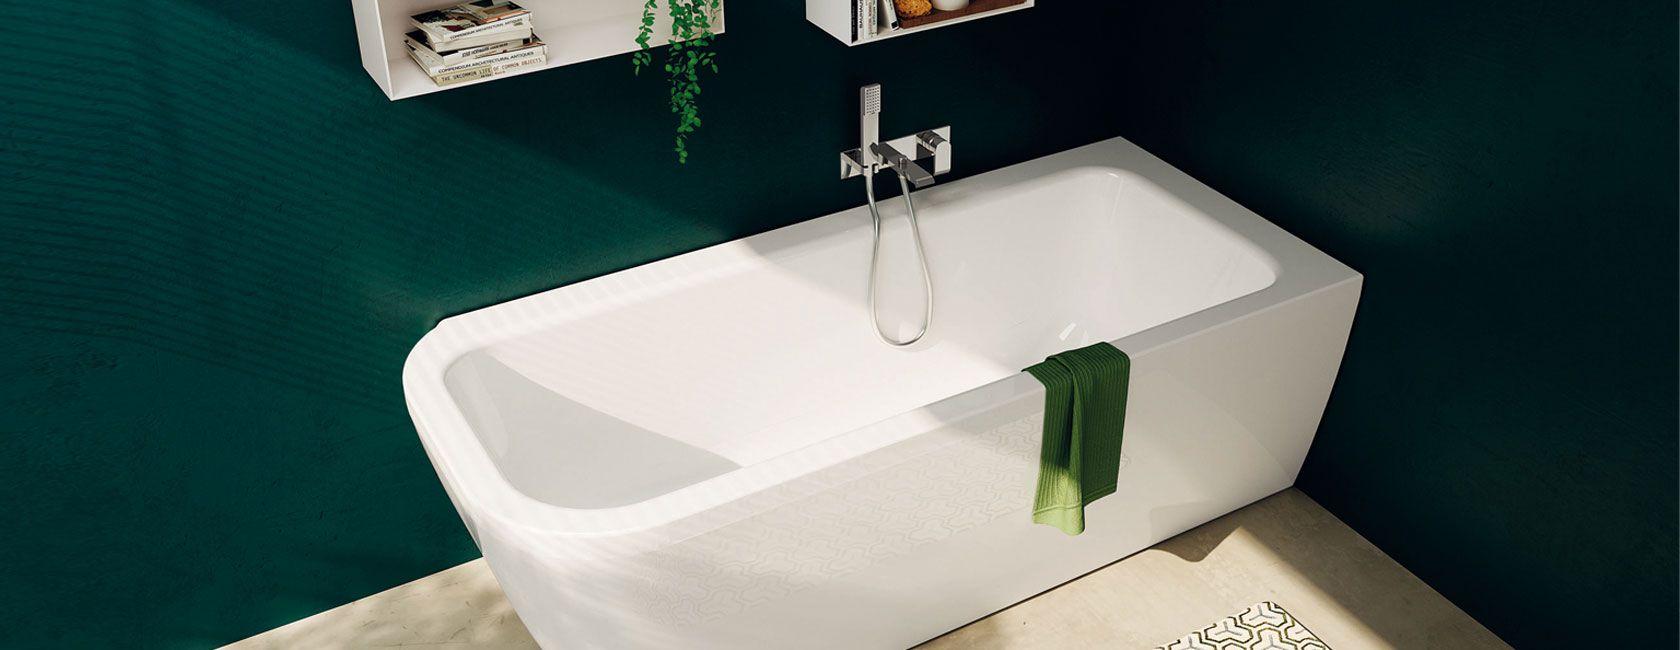 Vasca da bagno TEUCO | Nauha | Arredo bagno | Pinterest